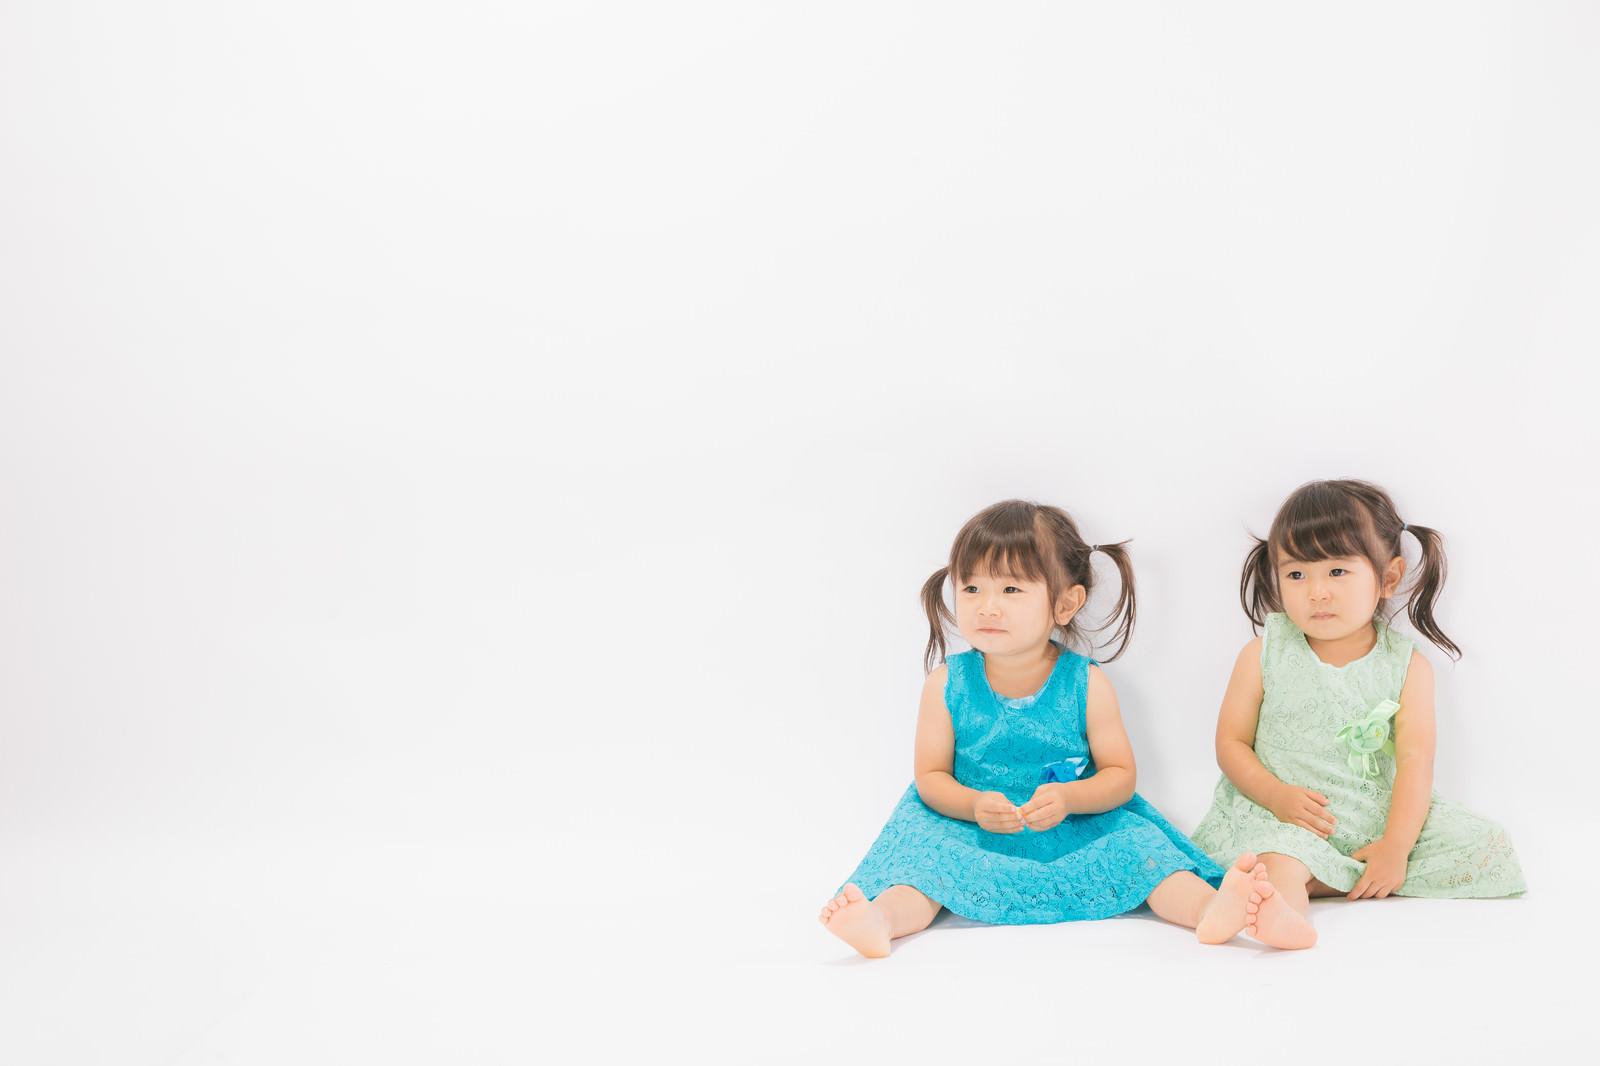 「あおとみどりの双子姉妹」の写真[モデル:あおみどり]